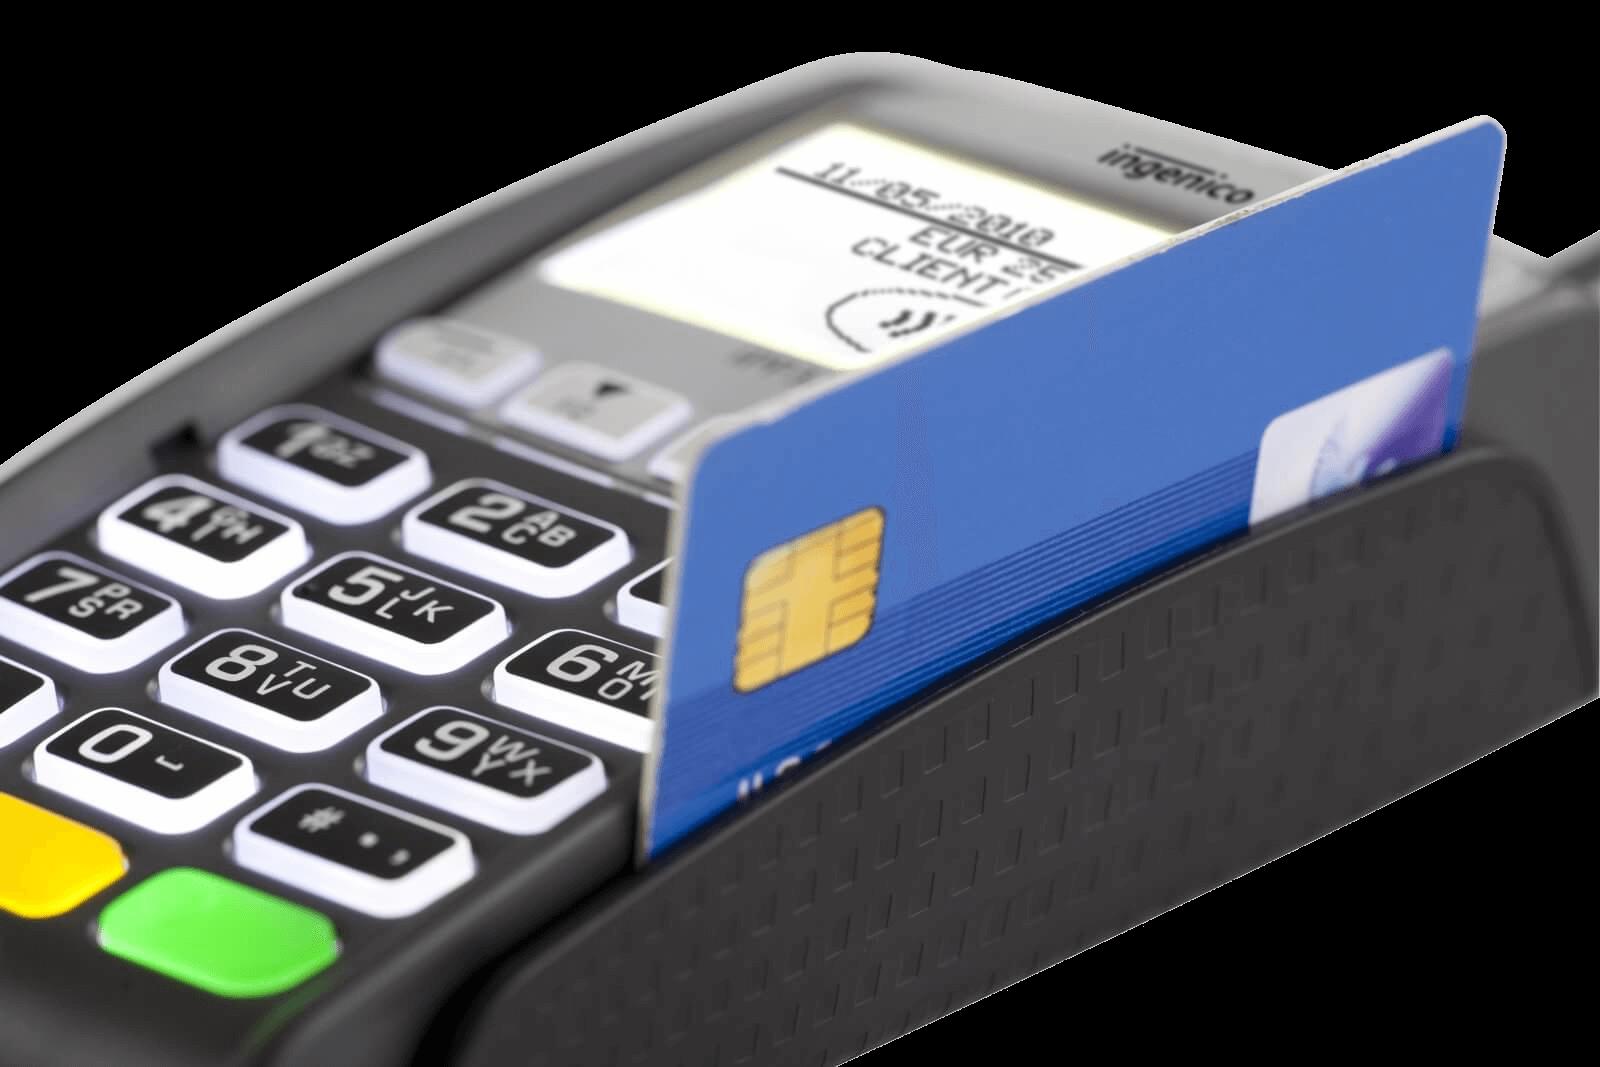 Terminal płatniczy - Paytel z kartą